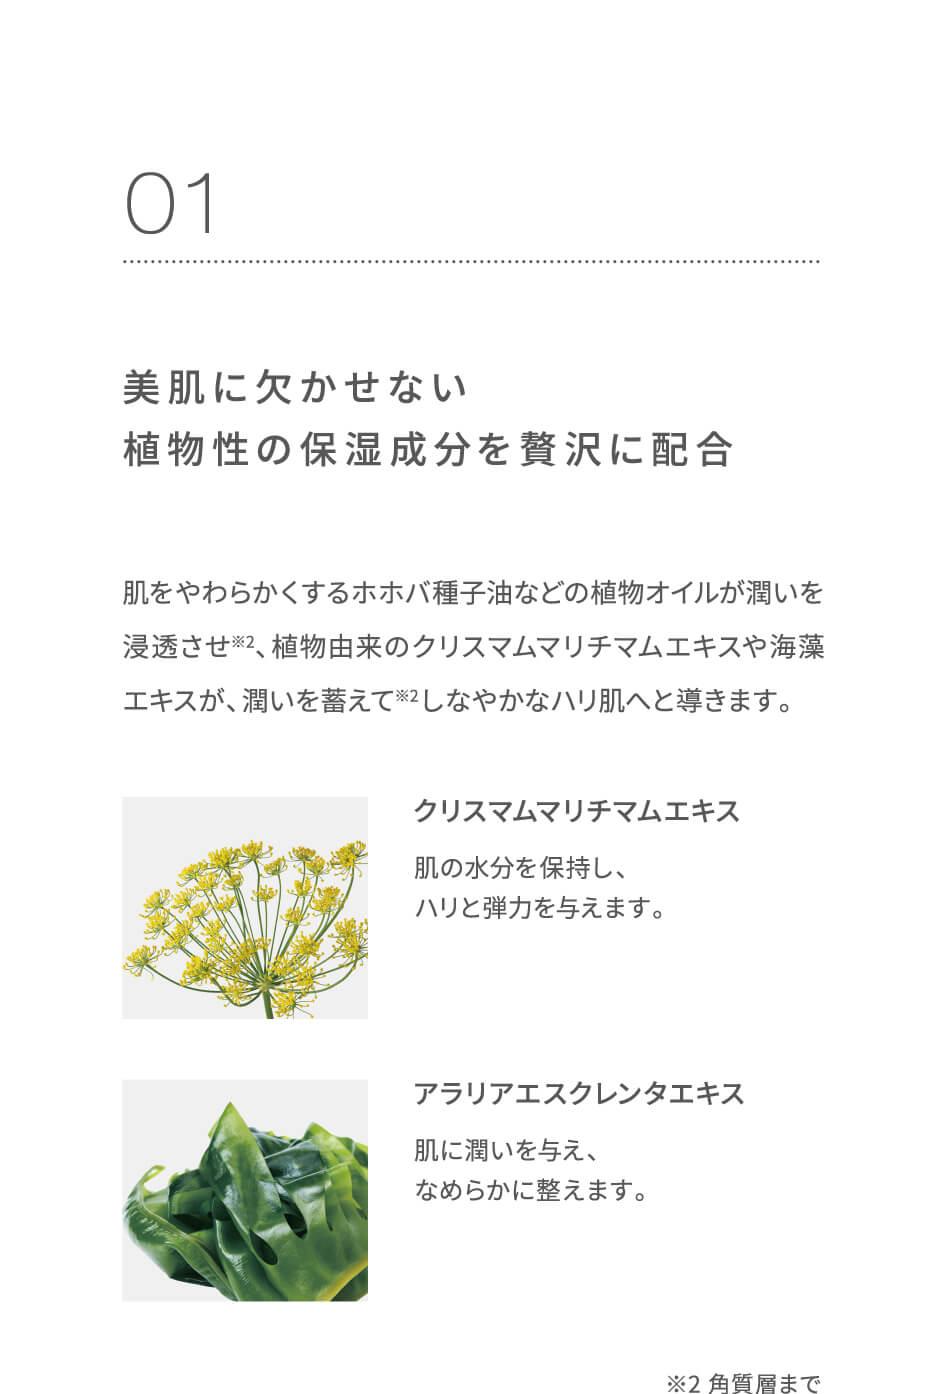 美肌に欠かせない植物性の保湿成分を贅沢に配合